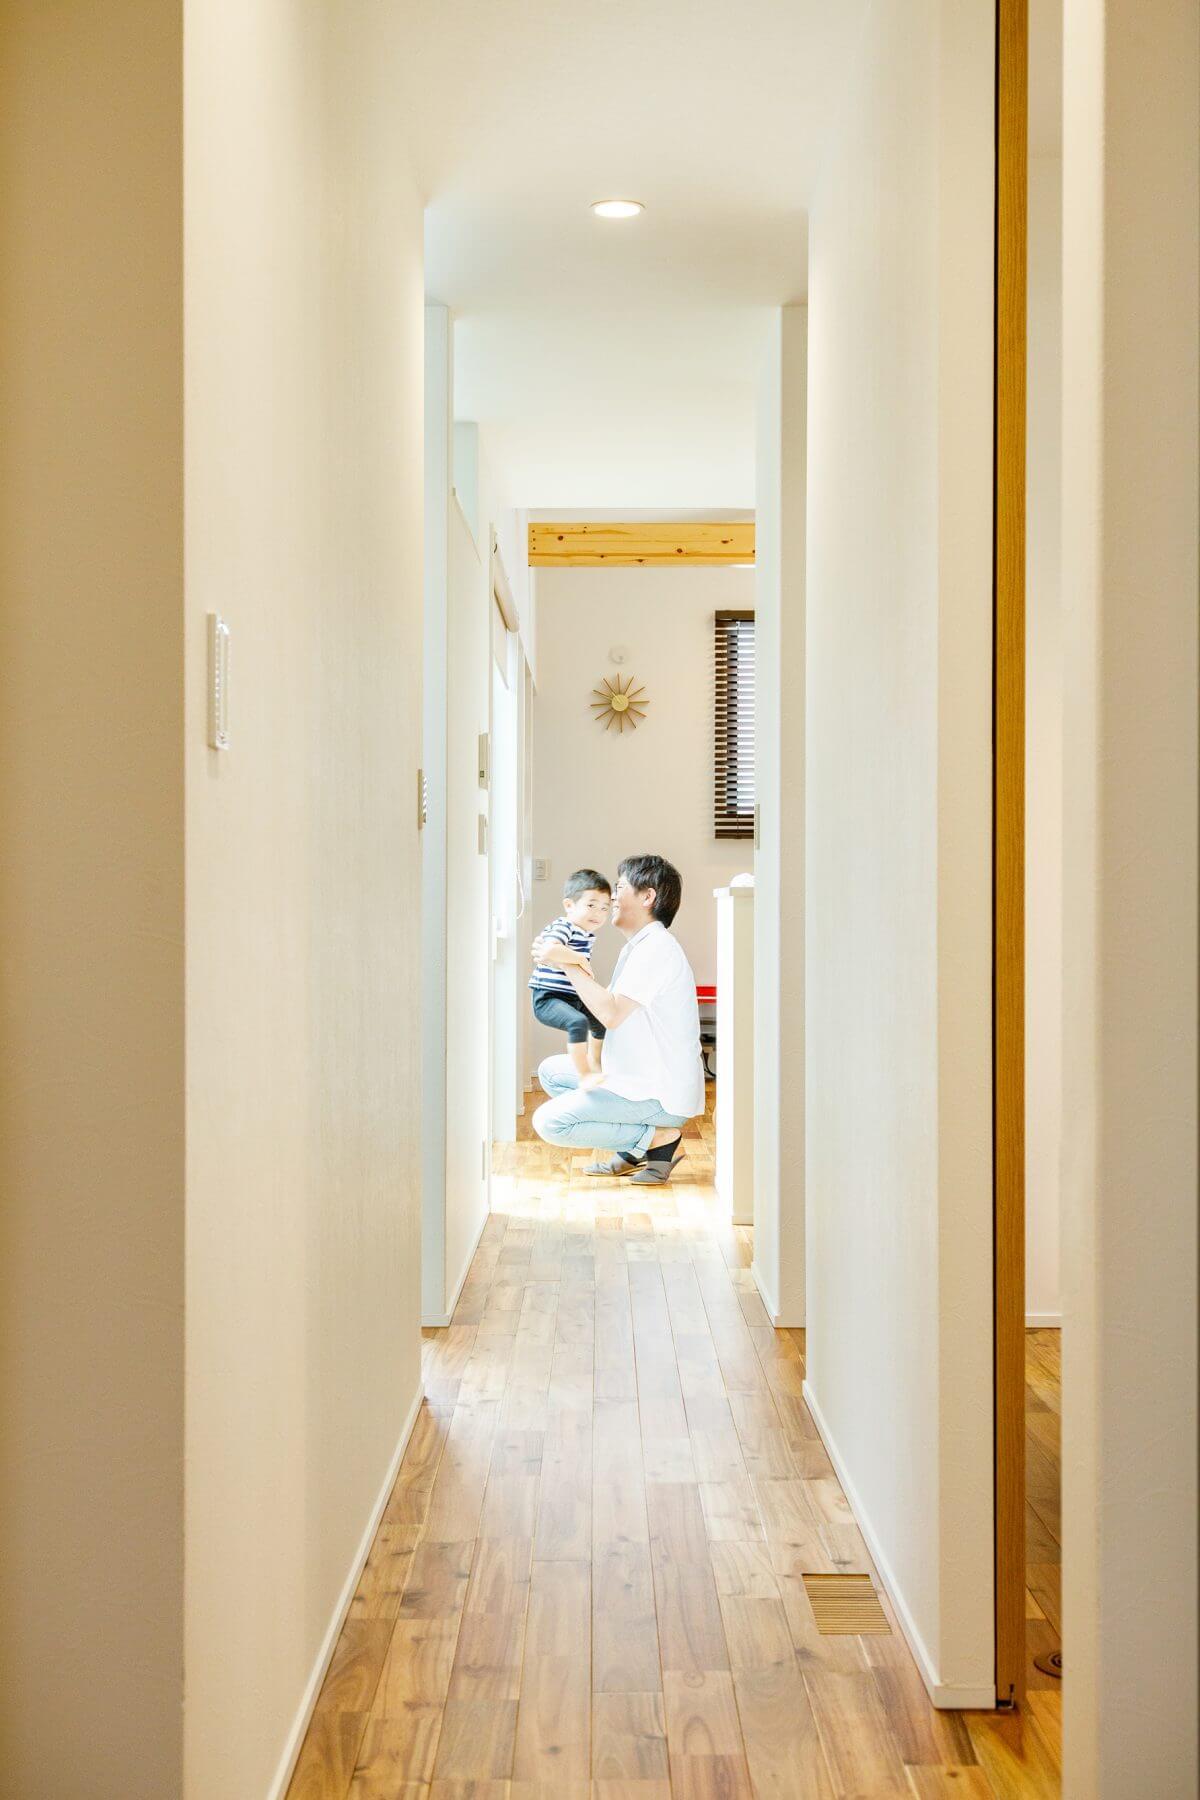 LDKから一番奥の寝室まで一直線で繋がる廊下は、平屋ならではのスペース。お子様が元気よく走り抜ける、楽しい声が響く空間となっています。